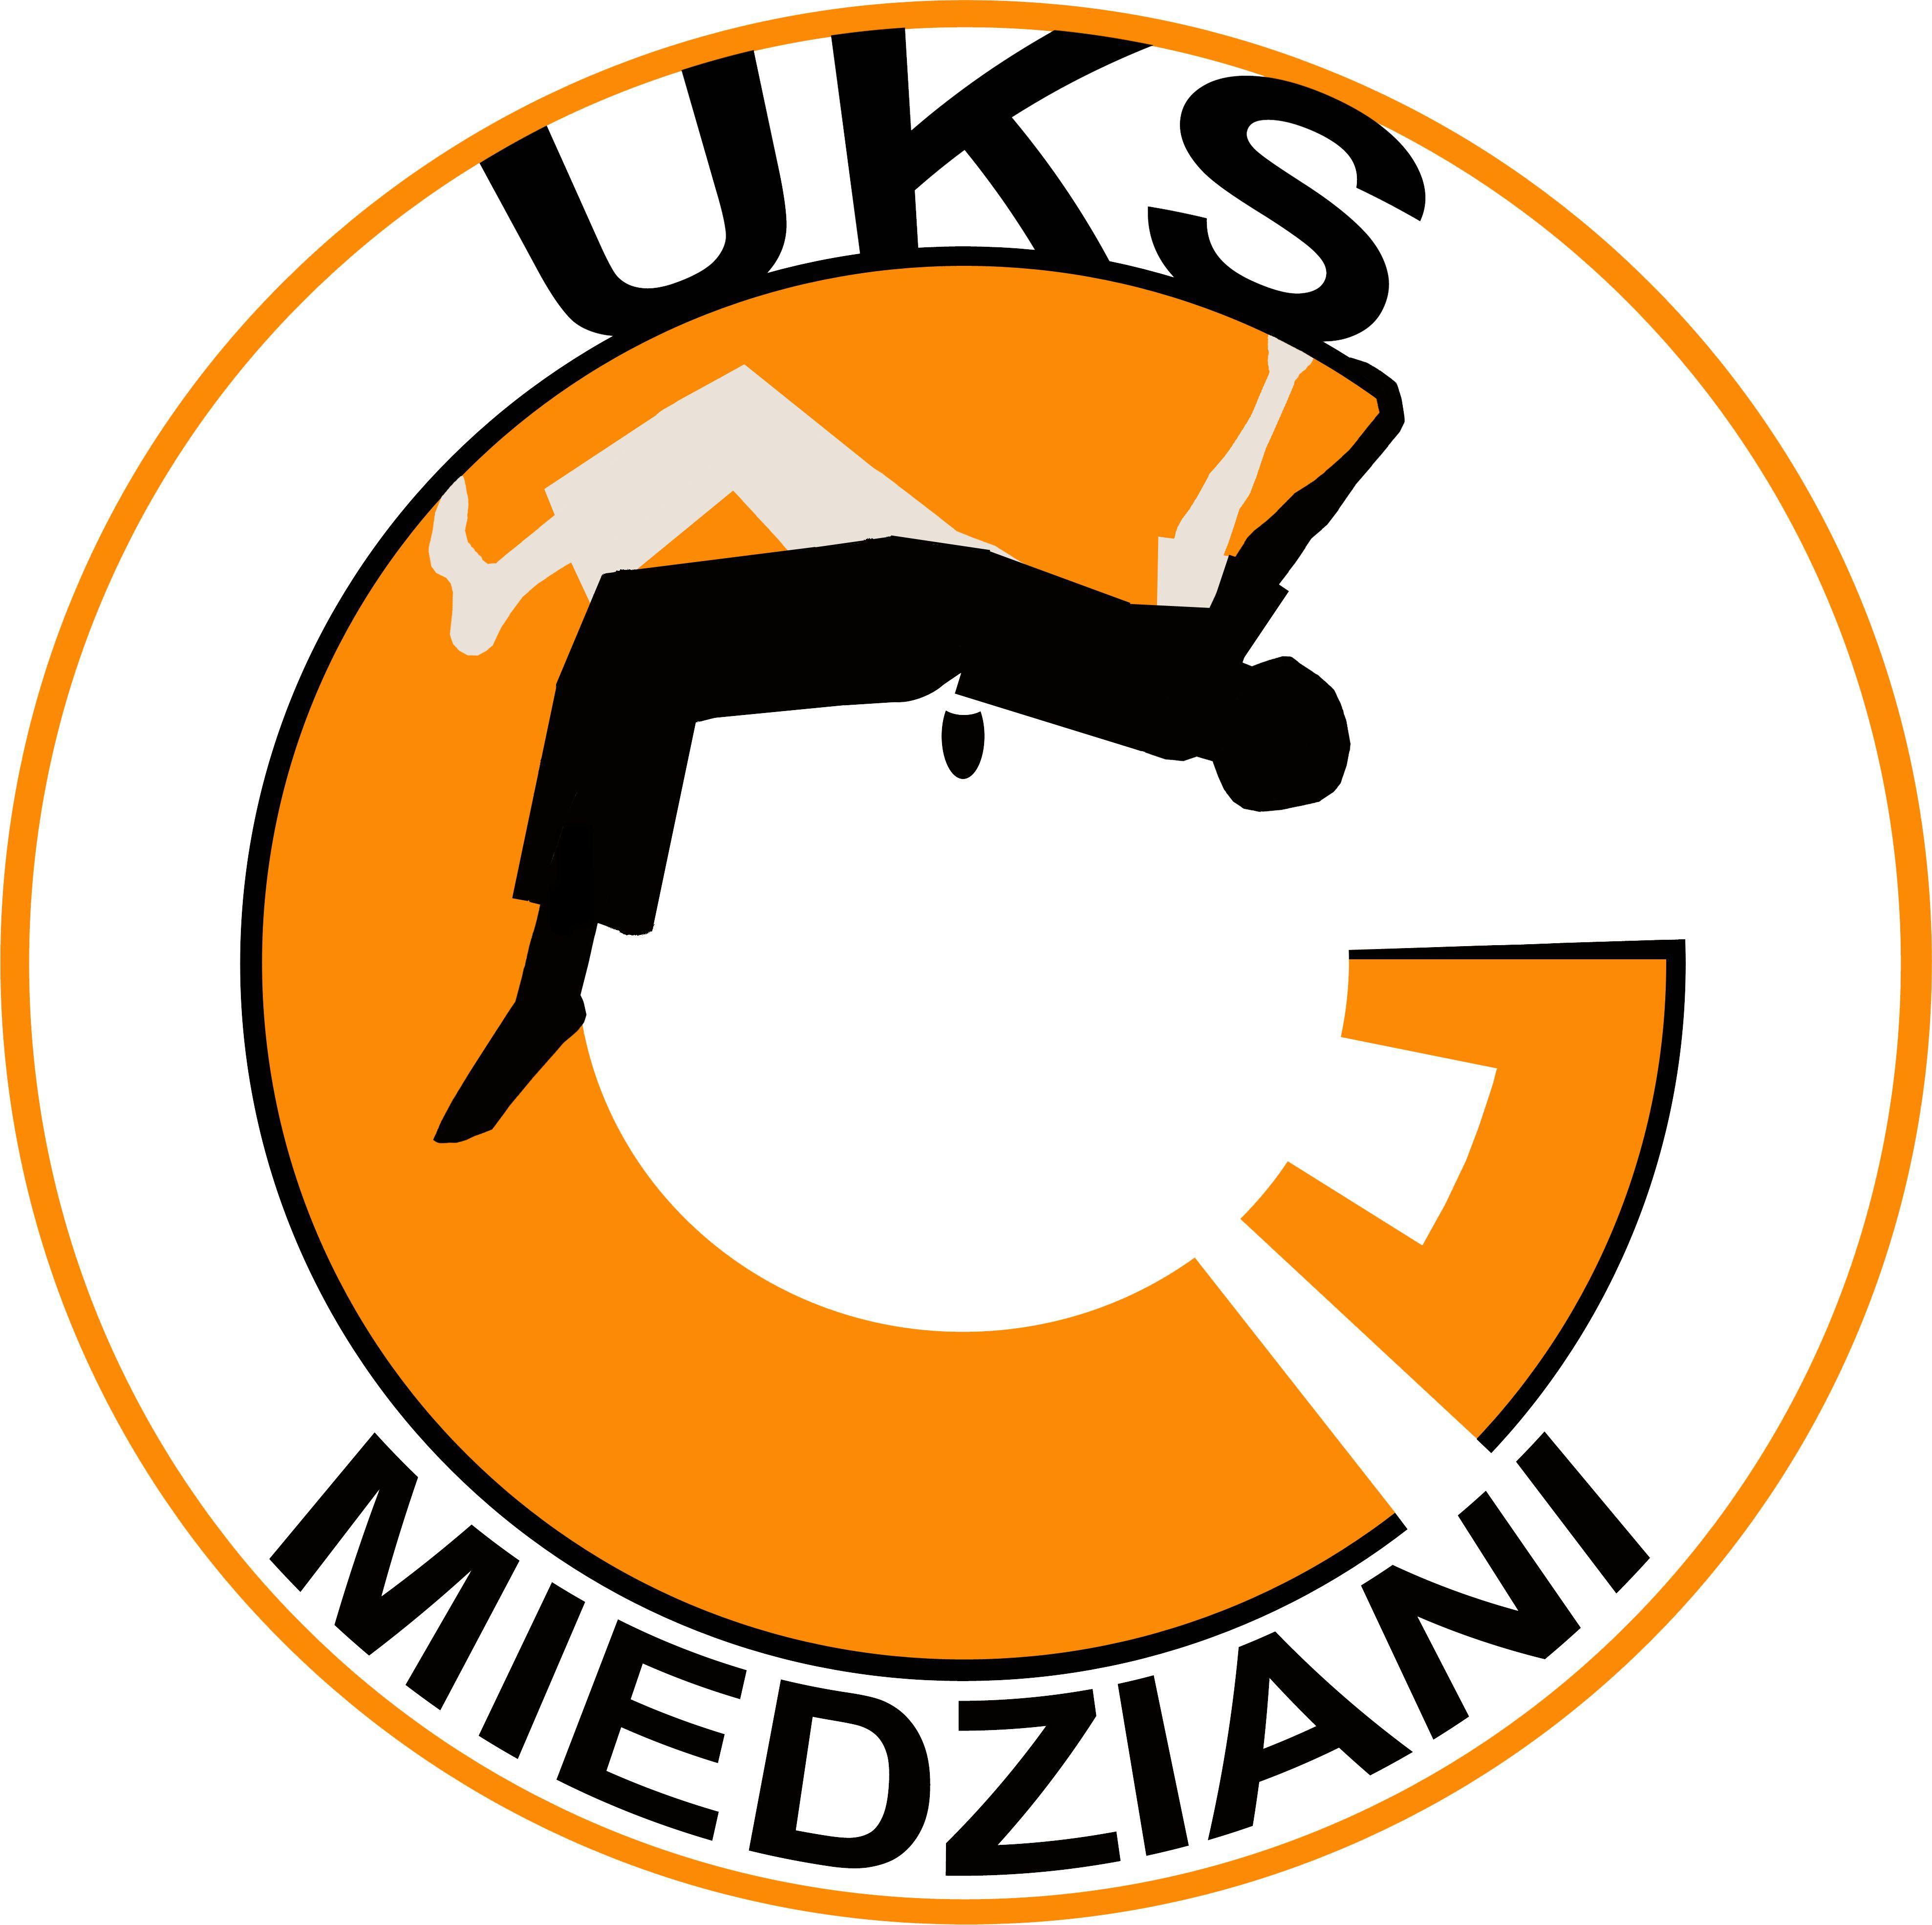 UKS Miedziani